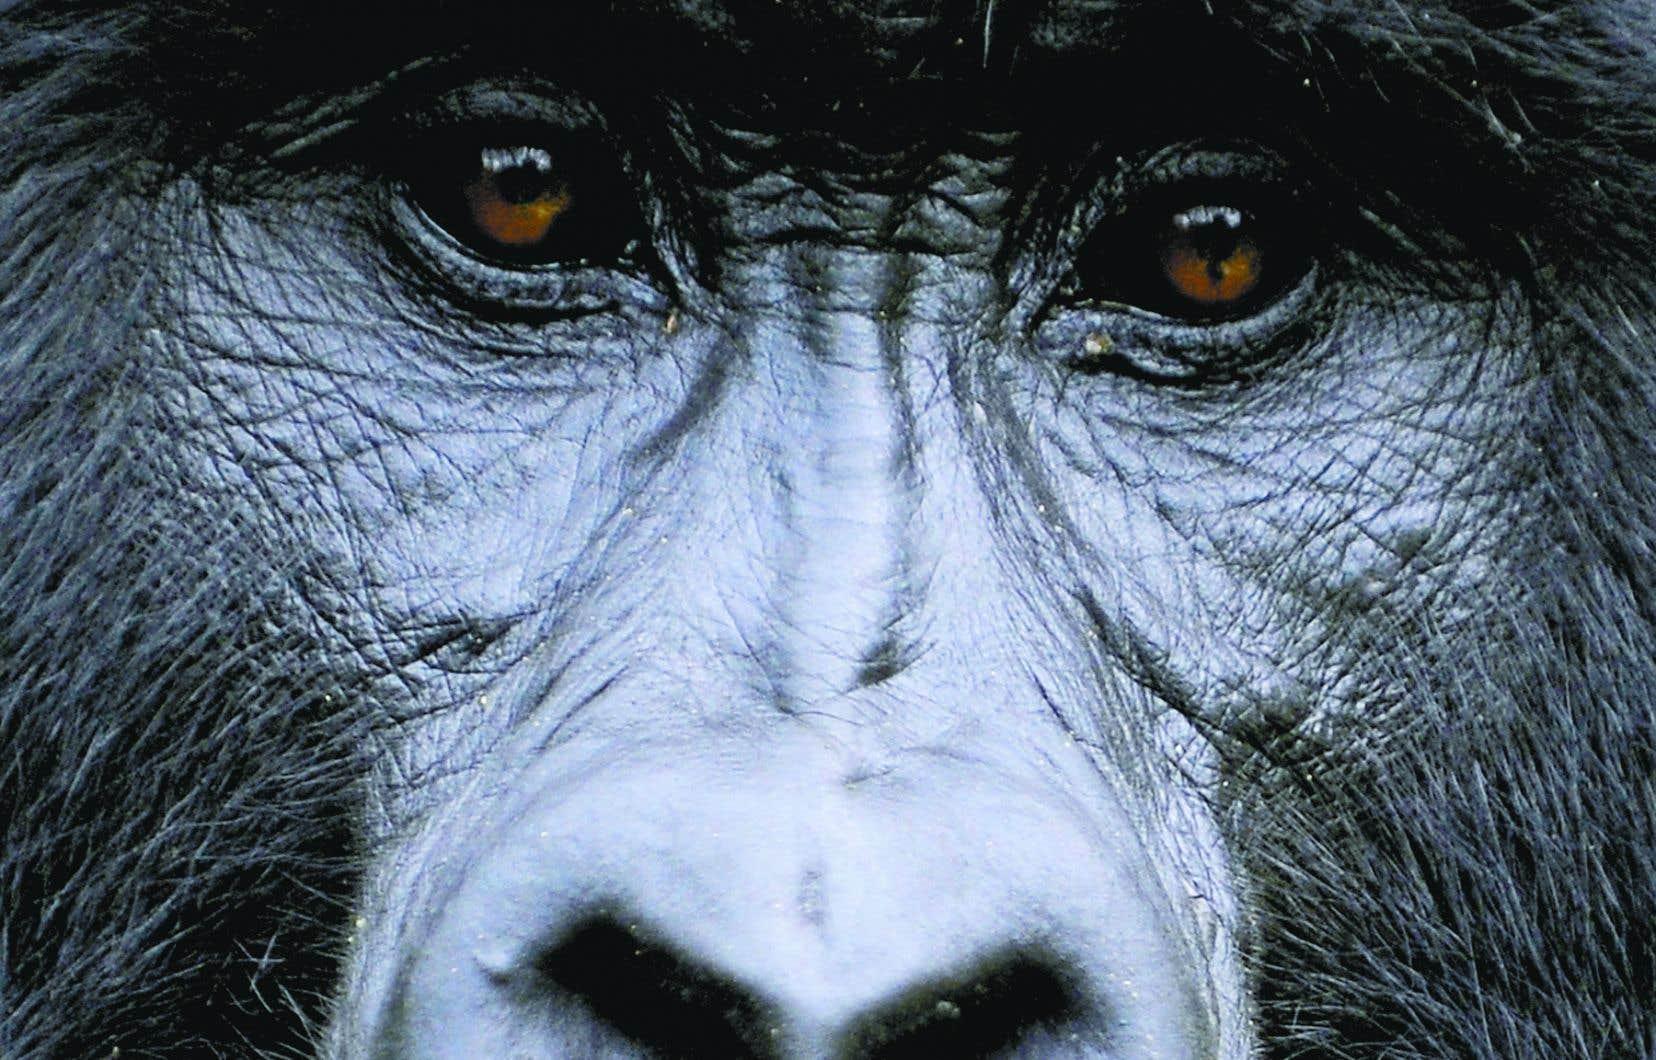 <p>Le gorille est déjà sévèrement menacé et classé «en danger critique d'extinction» par l'Union internationale pour la conservation de la nature.</p>